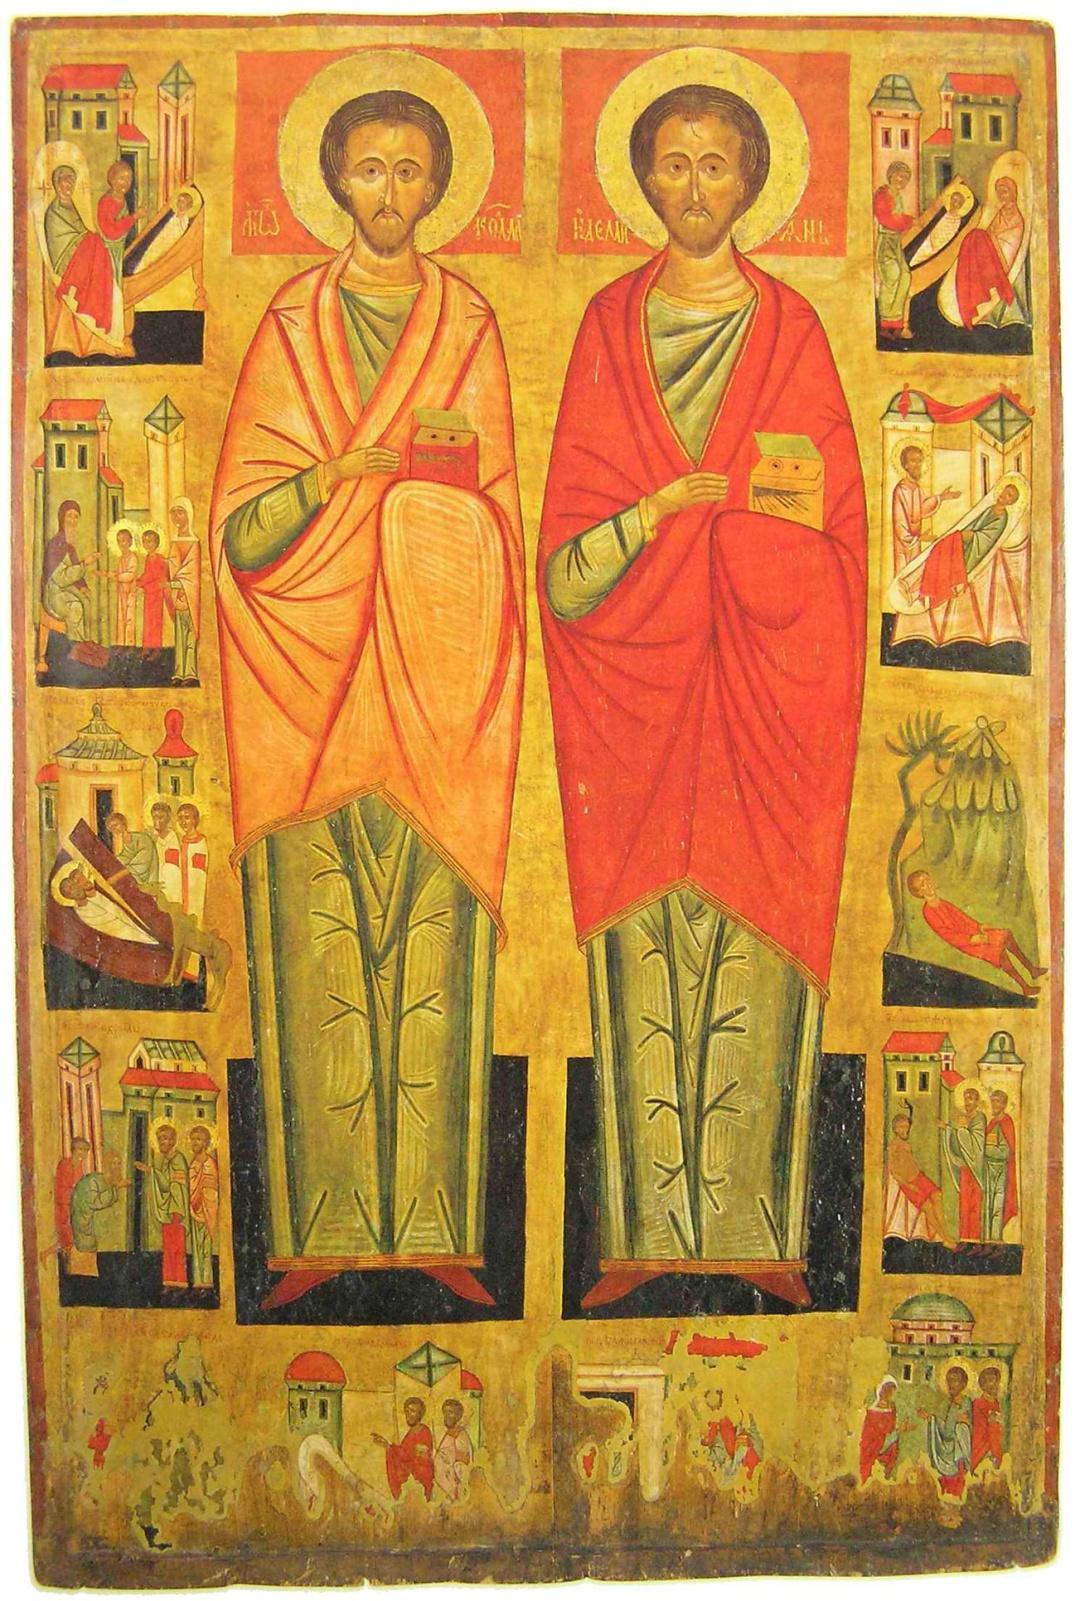 Святі Косма і Демян з Милик, 15 ст.